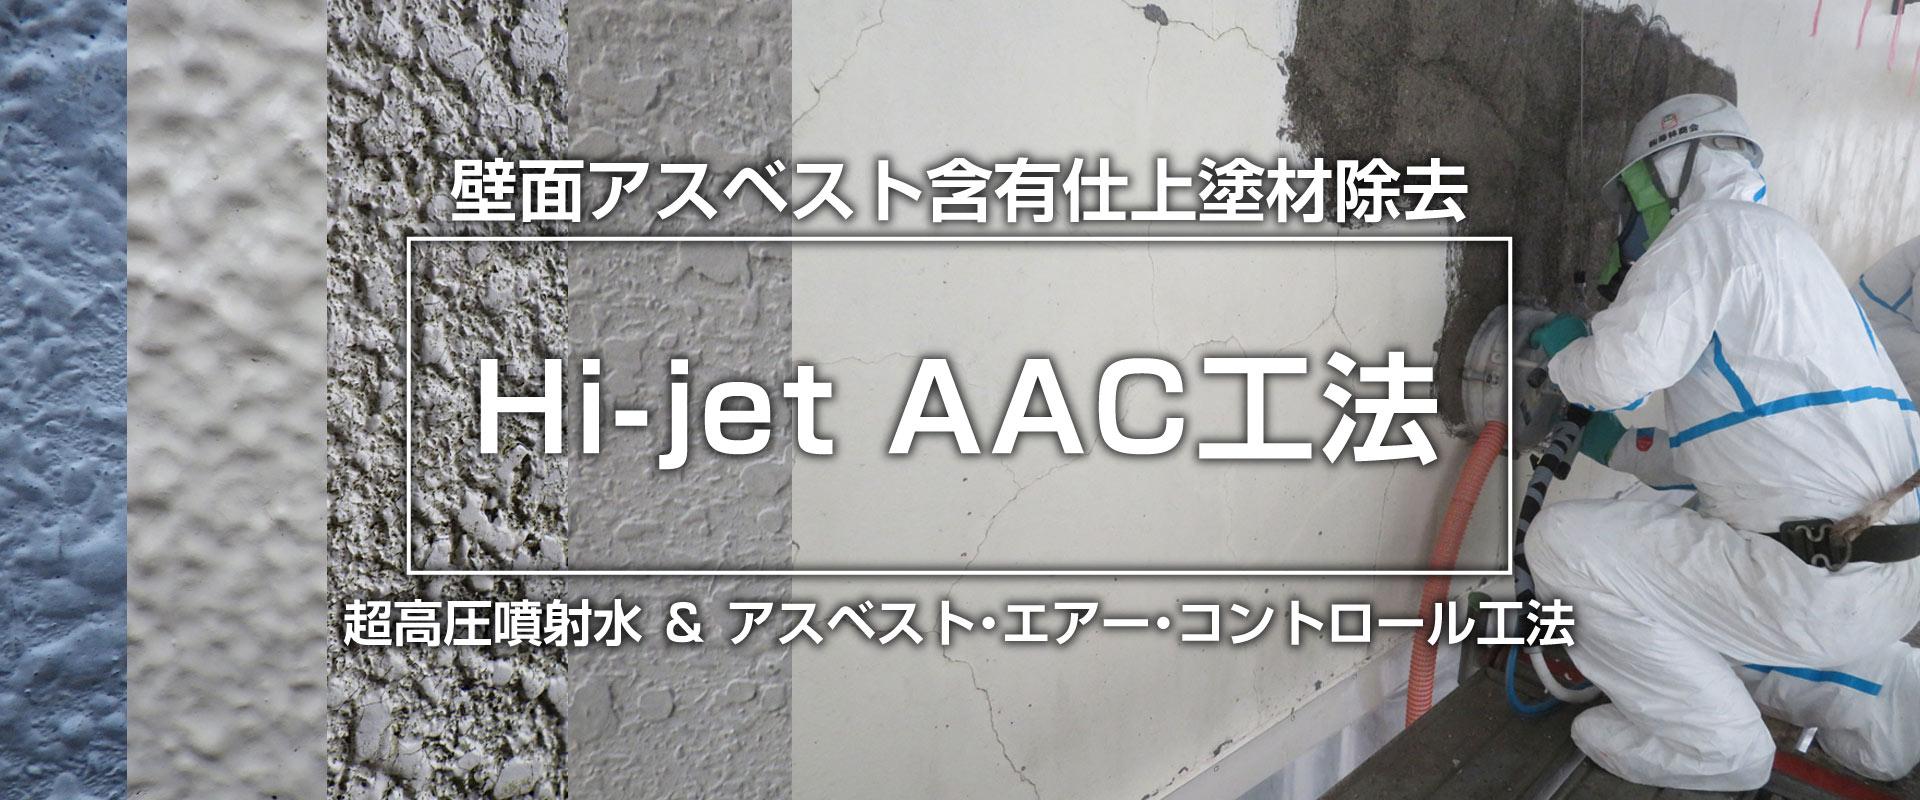 壁面アスベスト含有仕上塗材除去/Hi-jet AAC工法 /超高圧噴射水 & アスベスト・エアー・コントロール工法